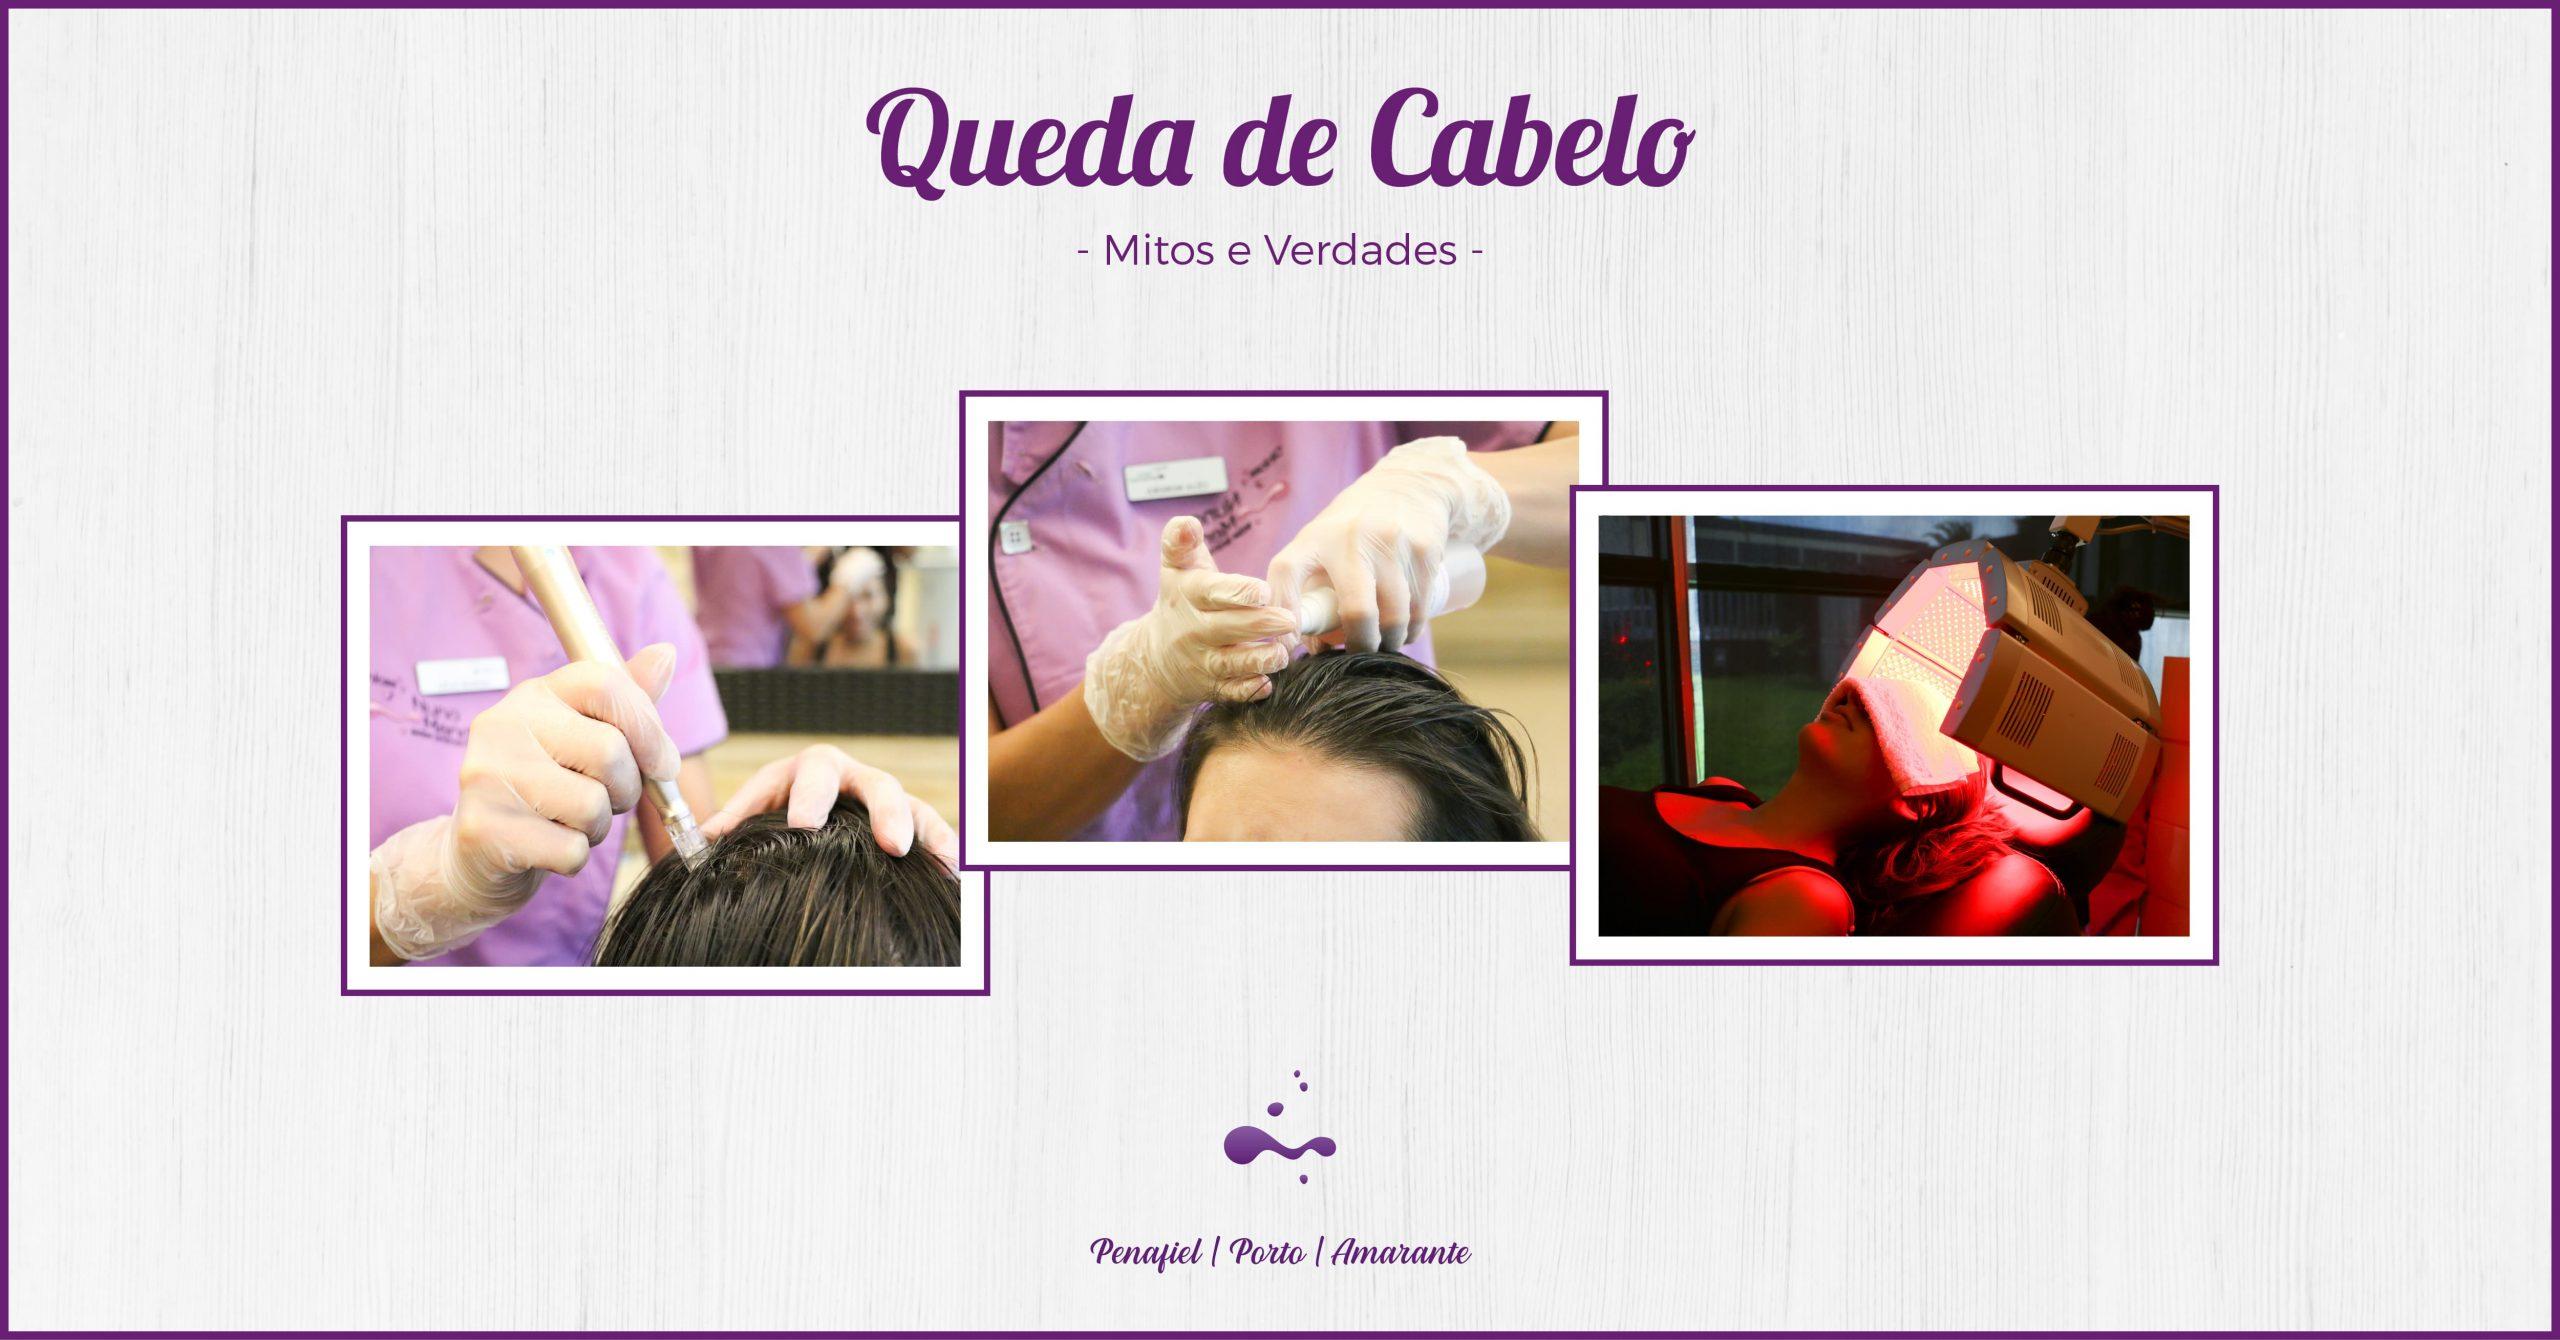 Queda de cabelo: Mitos e verdades